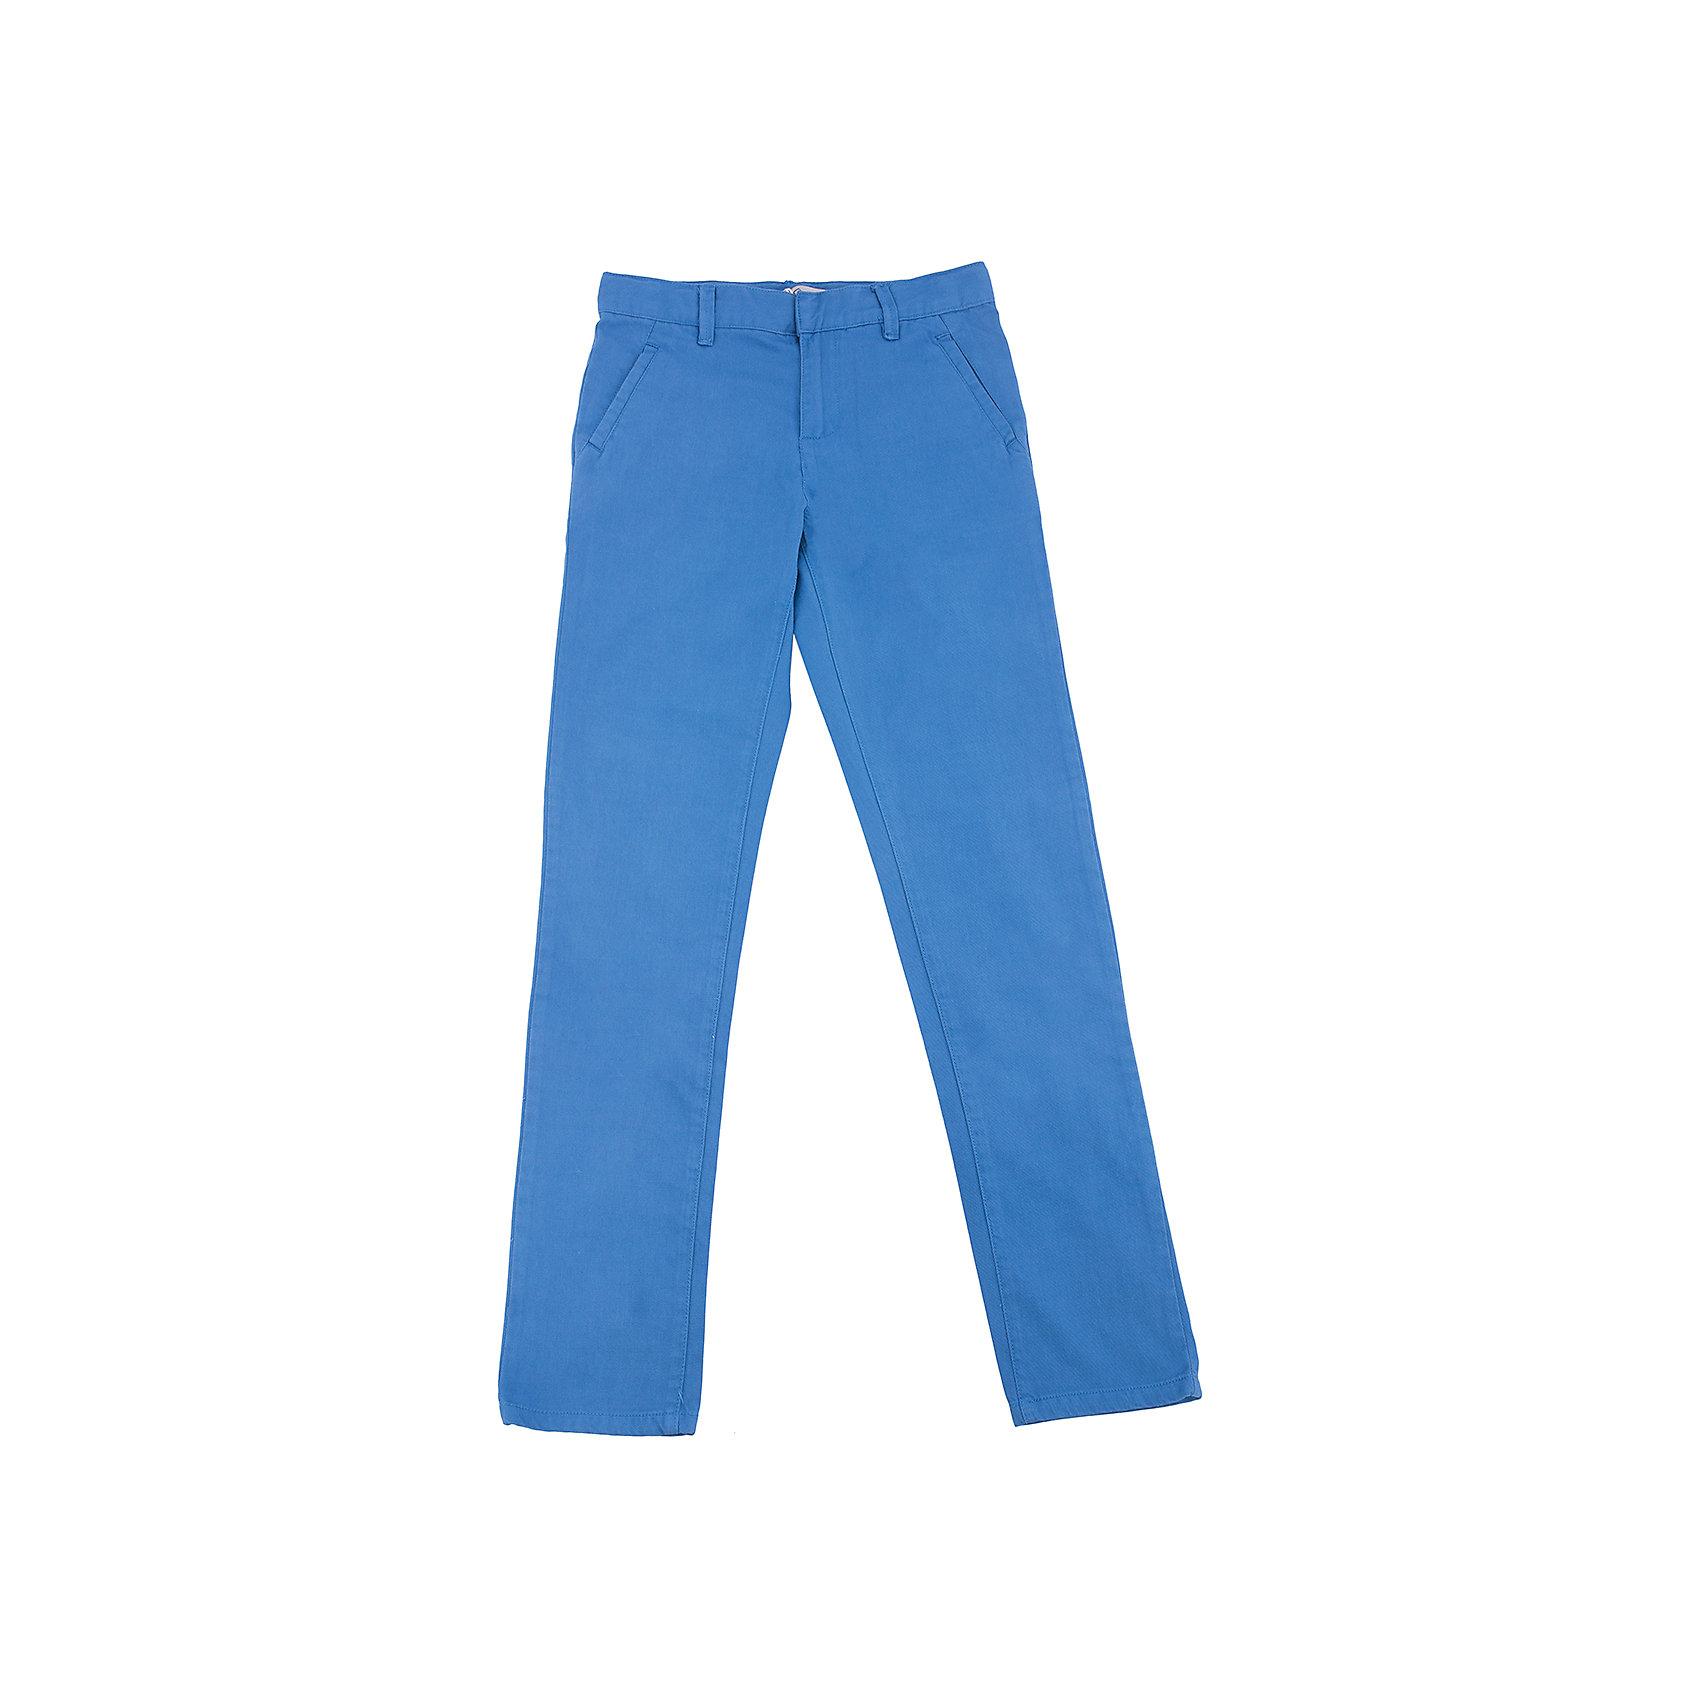 Брюки для мальчика SELAБрюки<br>Характеристики товара:<br><br>• цвет: синий<br>• состав: 100% хлопок<br>• классический силуэт<br>• карманы<br>• шлевки<br>• сезон: демисезон<br>• страна бренда: Россия<br><br>Вещи из новой коллекции SELA продолжают радовать удобством! Стильные брюки для мальчика помогут разнообразить гардероб ребенка и стать базовой вещью. Они отлично сочетаются с рубашками, футболками, куртками. Универсальный цвет позволяет подобрать к вещи верх разных расцветок. <br>Одежда, обувь и аксессуары от российского бренда SELA не зря пользуются большой популярностью у детей и взрослых! Модели этой марки - стильные и удобные, цена при этом неизменно остается доступной. Для их производства используются только безопасные, качественные материалы и фурнитура. Новая коллекция поддерживает хорошие традиции бренда! <br><br>Брюки для мальчика от популярного бренда SELA (СЕЛА) можно купить в нашем интернет-магазине.<br><br>Ширина мм: 215<br>Глубина мм: 88<br>Высота мм: 191<br>Вес г: 336<br>Цвет: синий<br>Возраст от месяцев: 84<br>Возраст до месяцев: 96<br>Пол: Мужской<br>Возраст: Детский<br>Размер: 128,134,140,146,152,122<br>SKU: 5305906